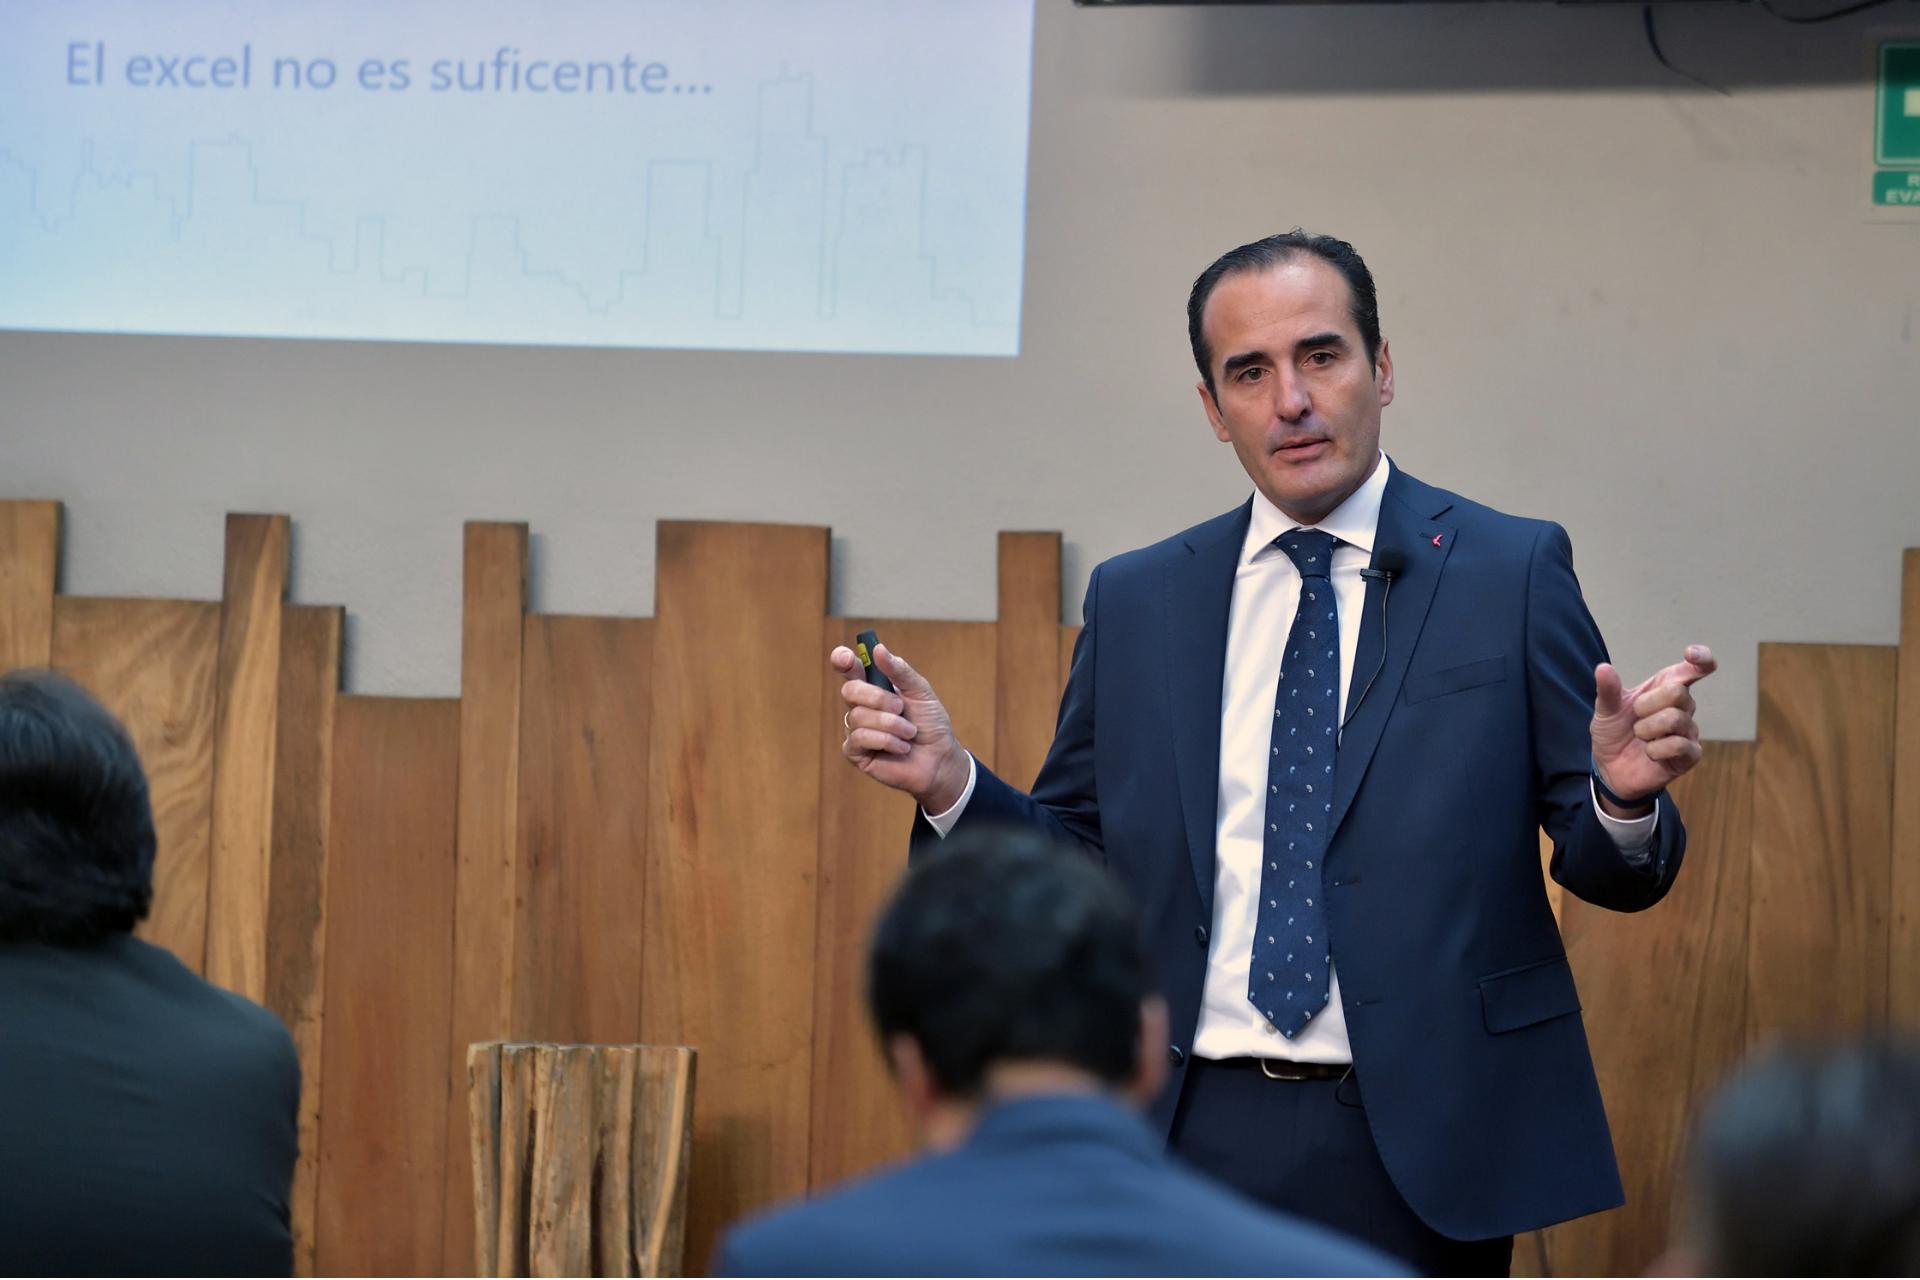 Entrevista a Antonio Quevedo, CEO de GlobalSUITE Solutions